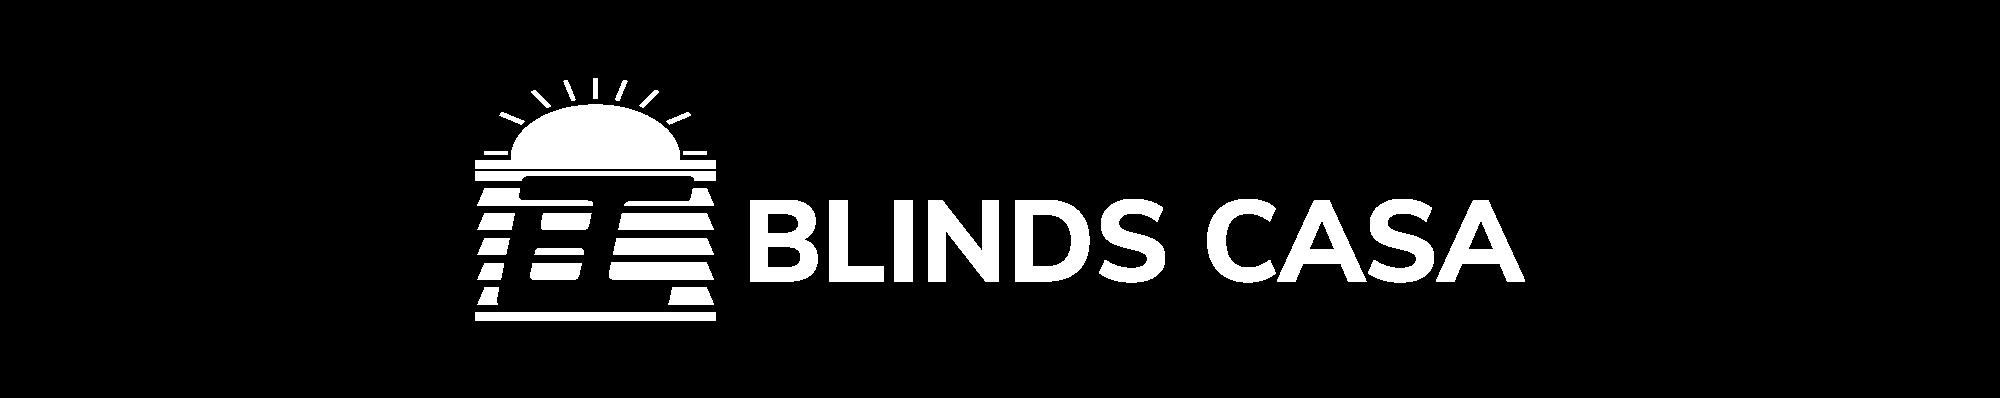 Blinds Casa